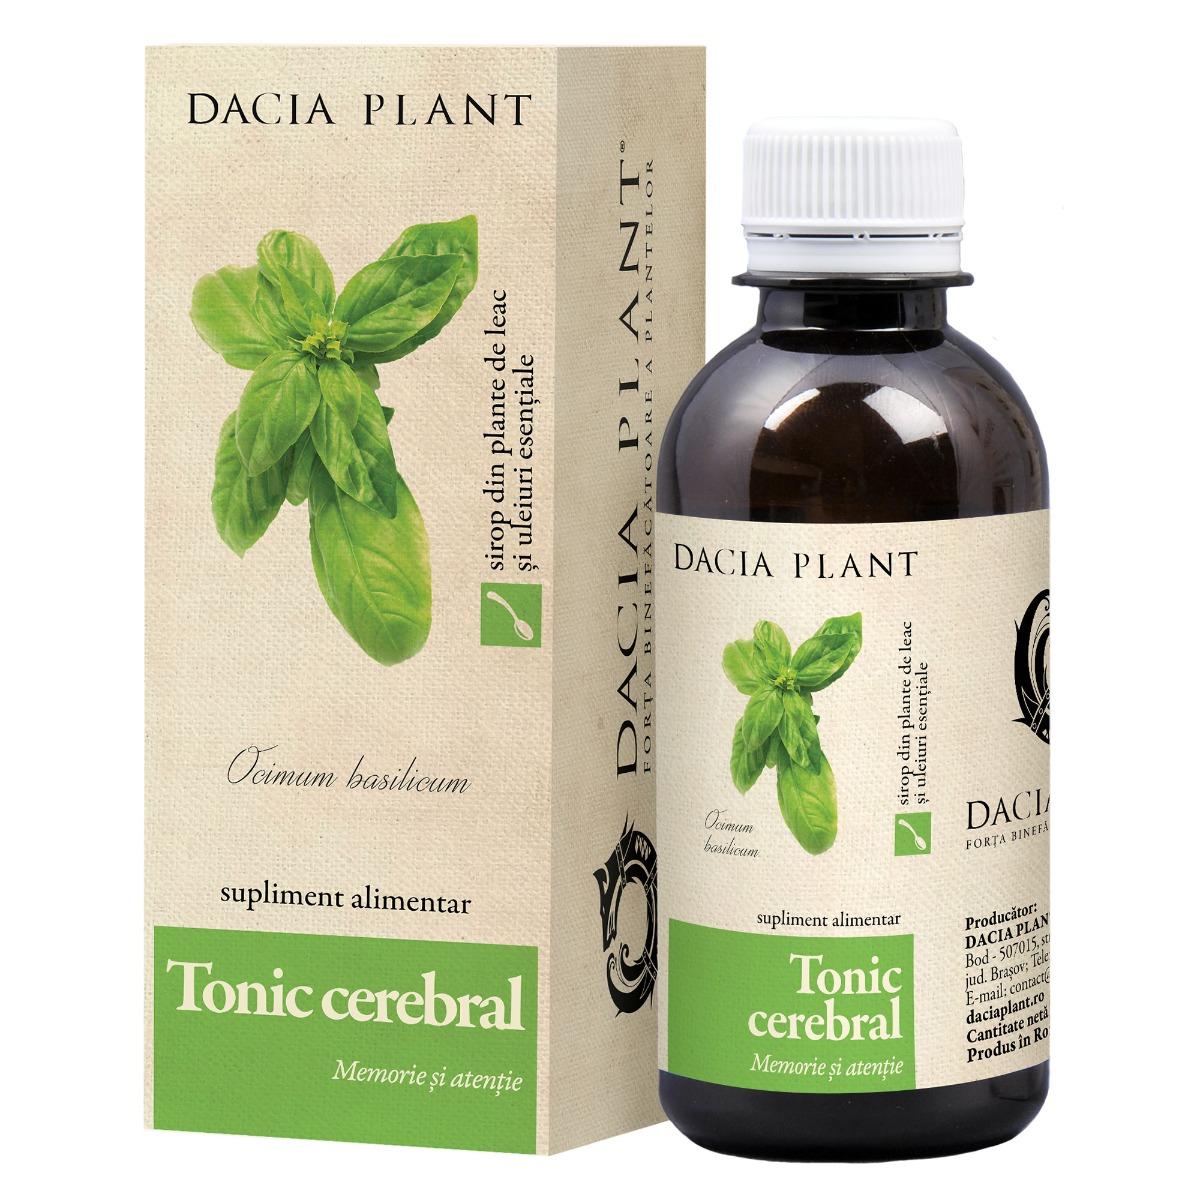 Tonic cerebral, 200ml, Dacia Plant drmax.ro